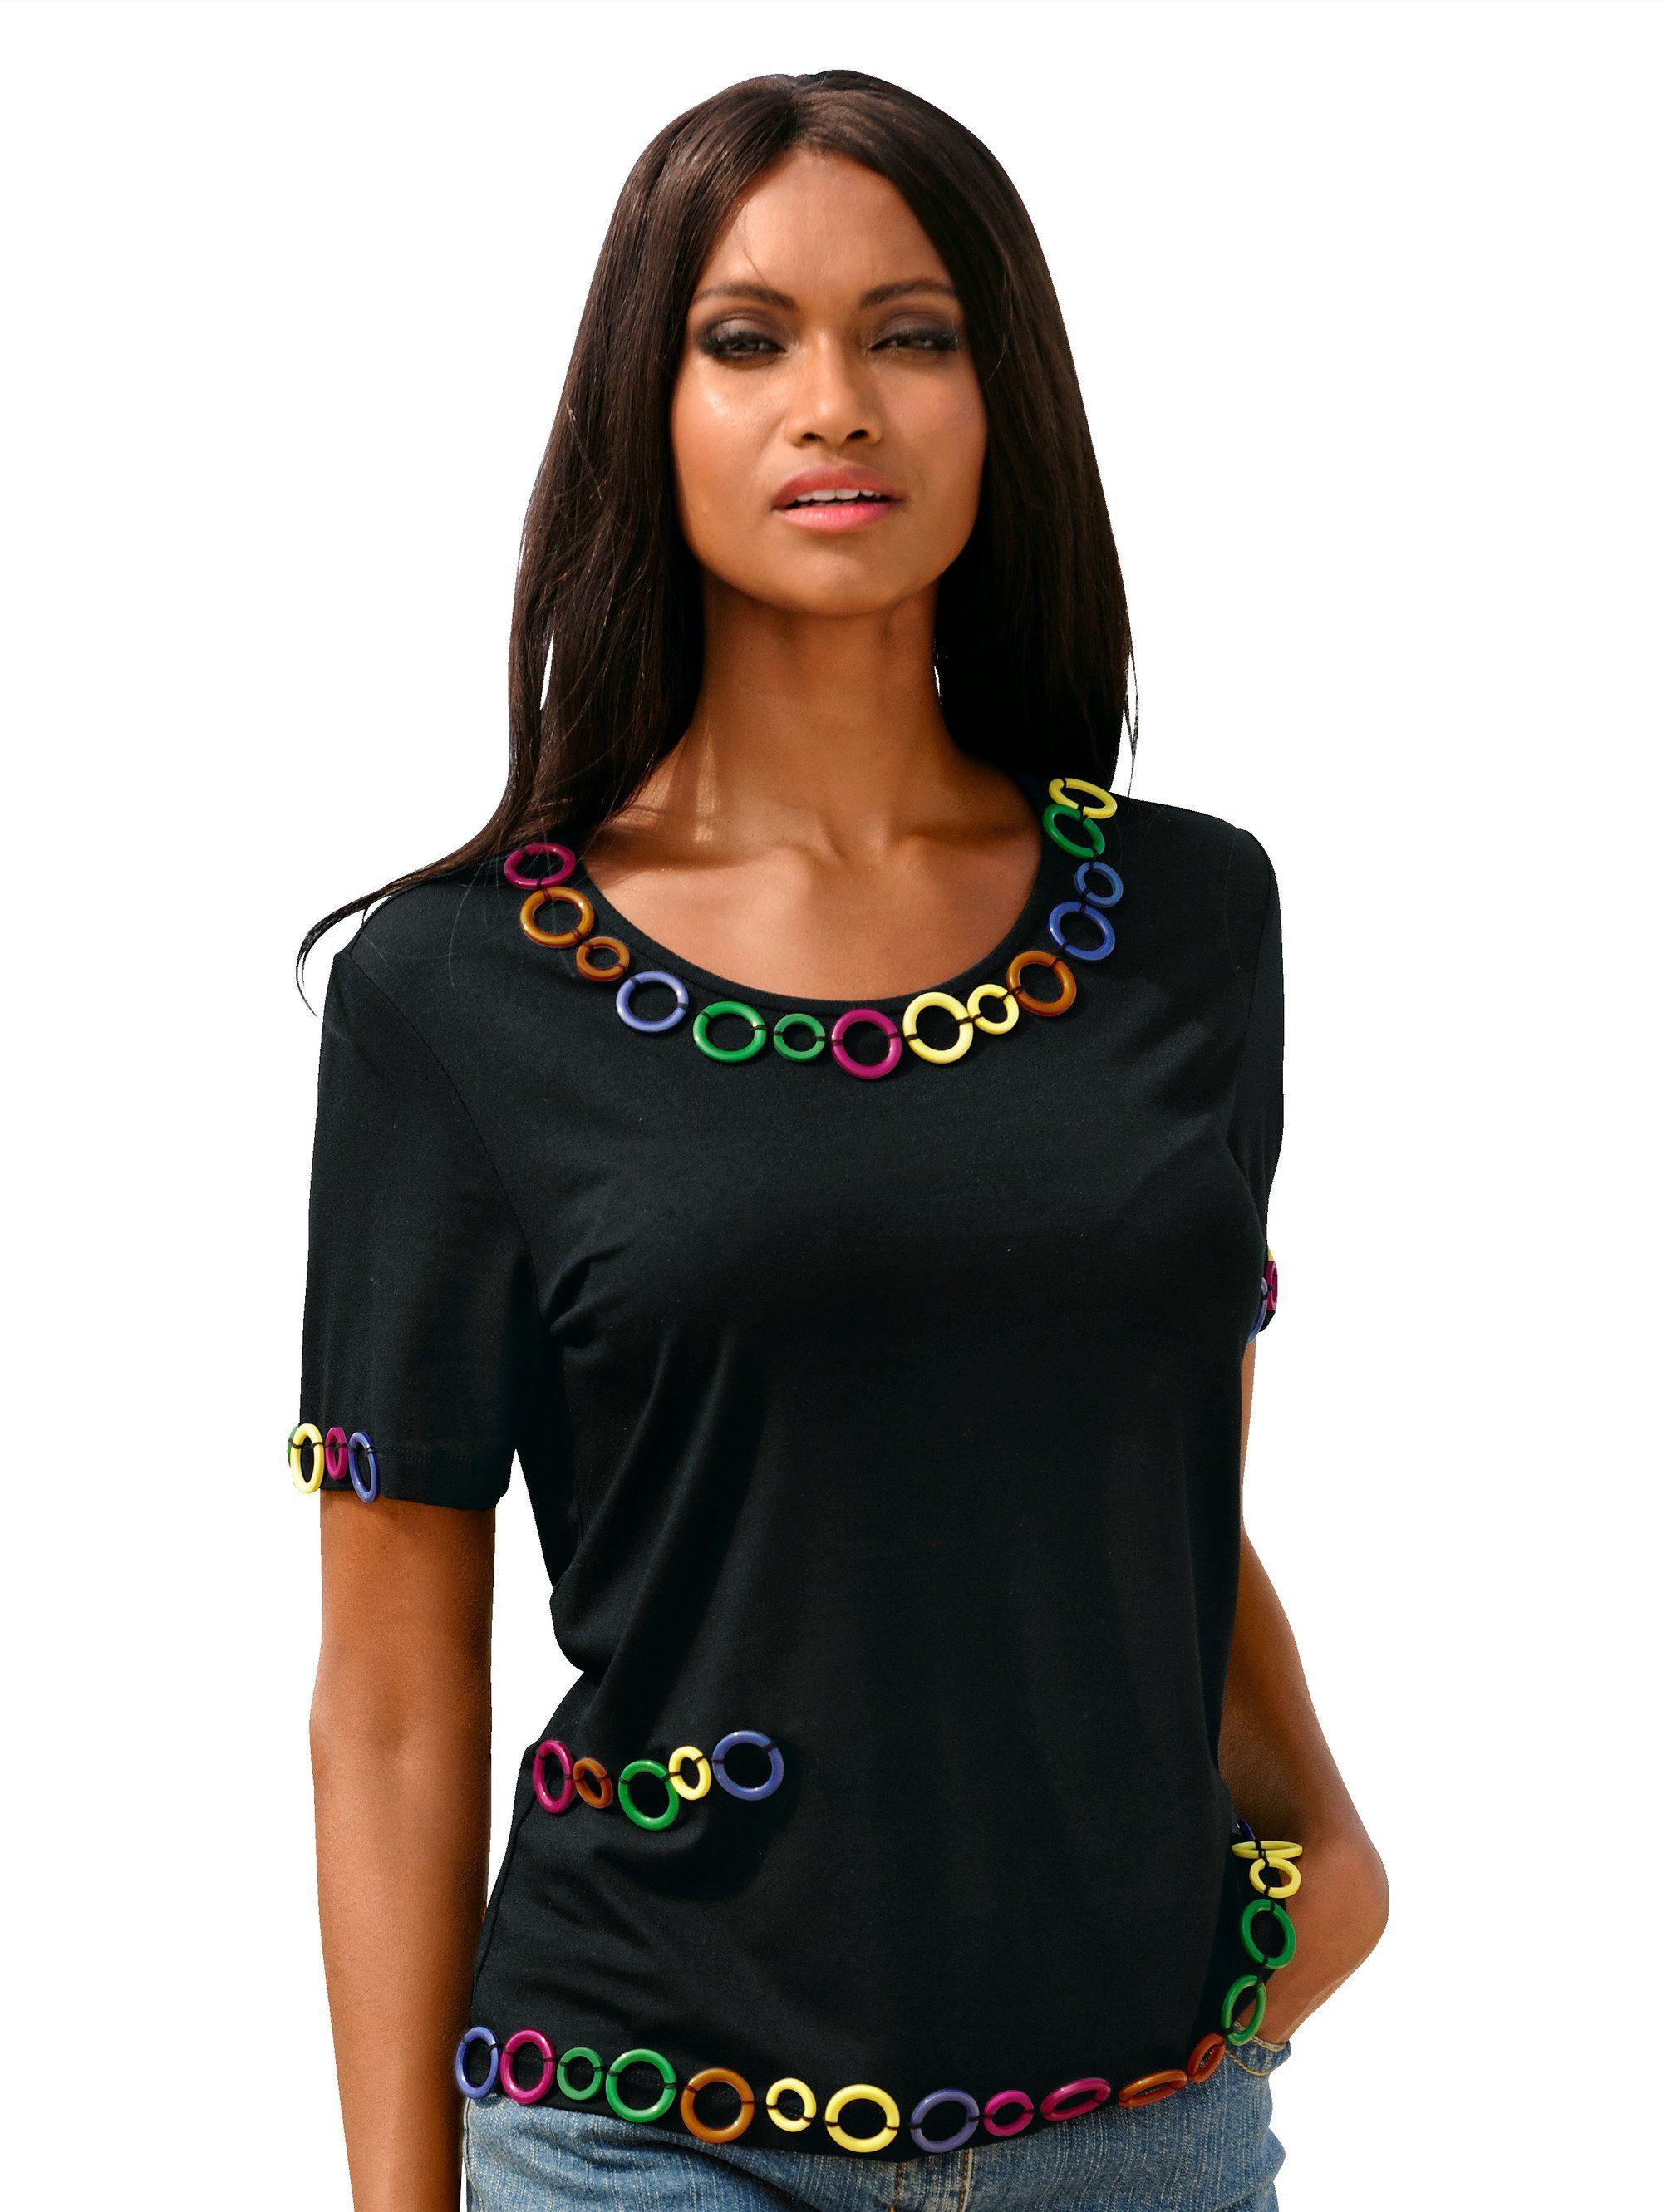 Alba Moda Shirt mit Applikationen in Matt-Glanz-Optik   Bekleidung > Shirts > Sonstige Shirts   Schwarz   Jersey - Viskose - Elasthan   Alba Moda